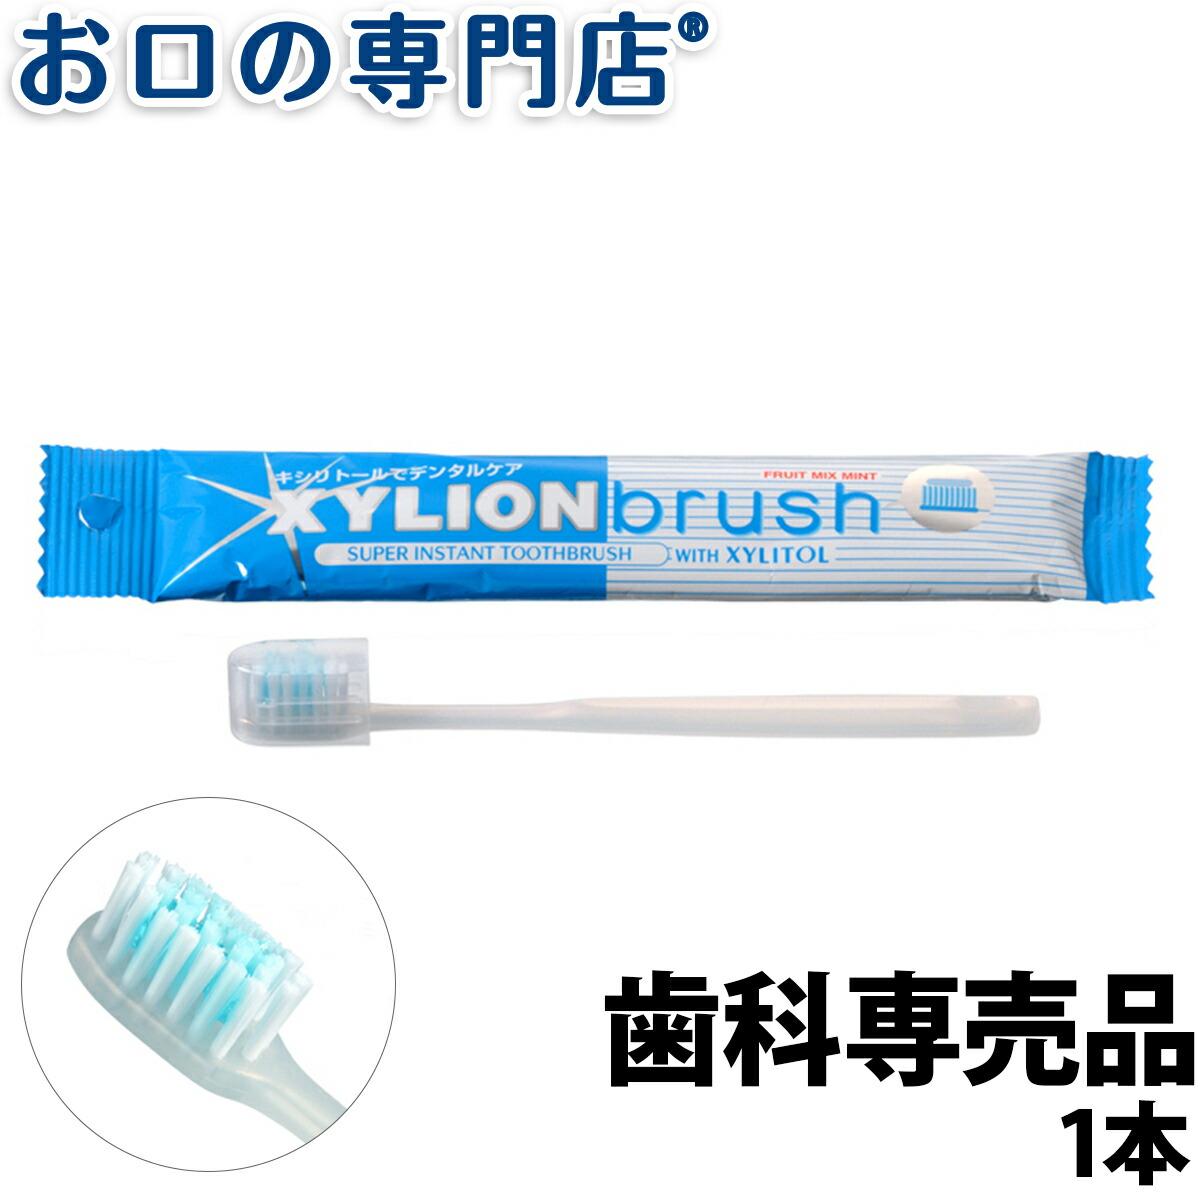 オキナ キシリオンブラシ 歯ブラシ 1本【メール便20本までOK】